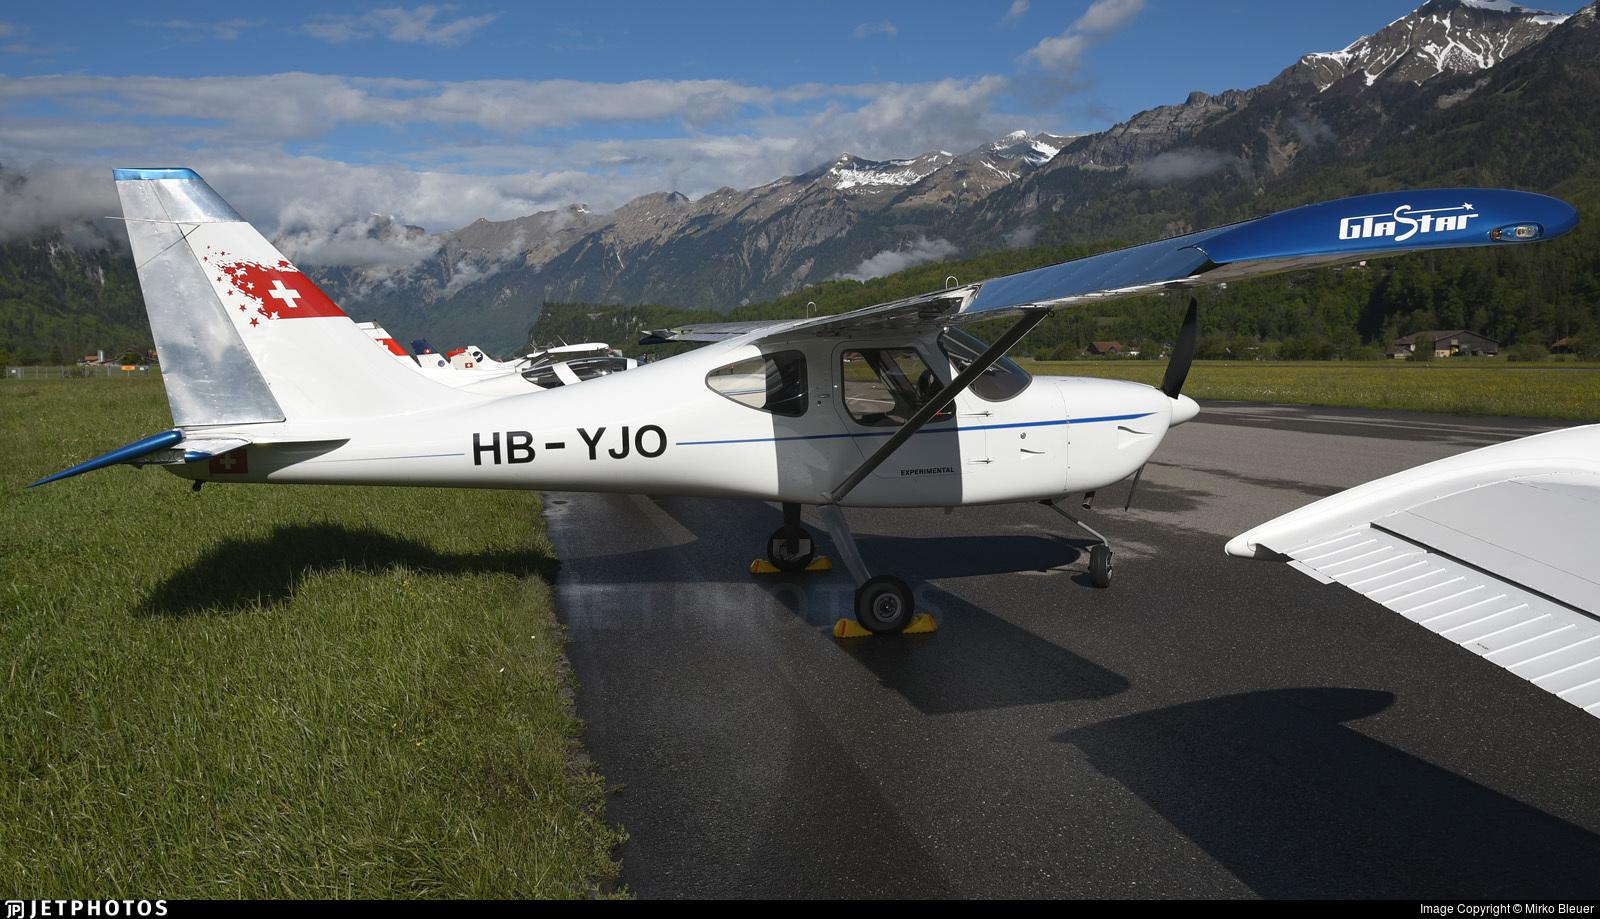 HB-YJO - Stoddard-Hamilton Glastar - Private